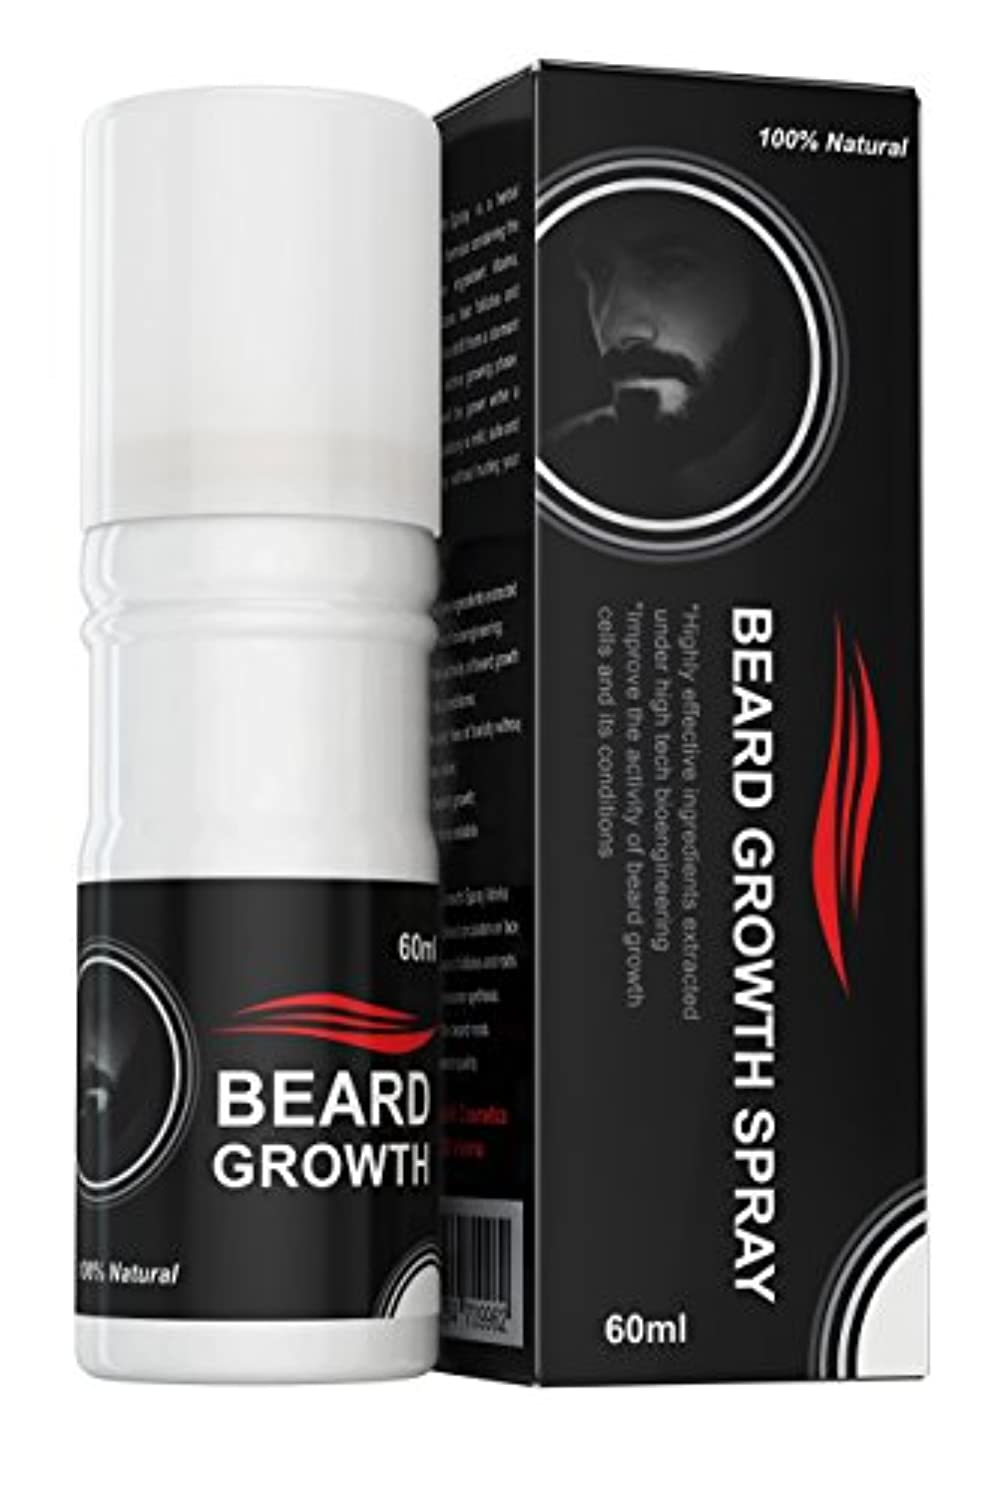 Beard Growth Spray®(ベアードグロースプレー®)- ヒゲの育毛剤 - 100%天然成分使用